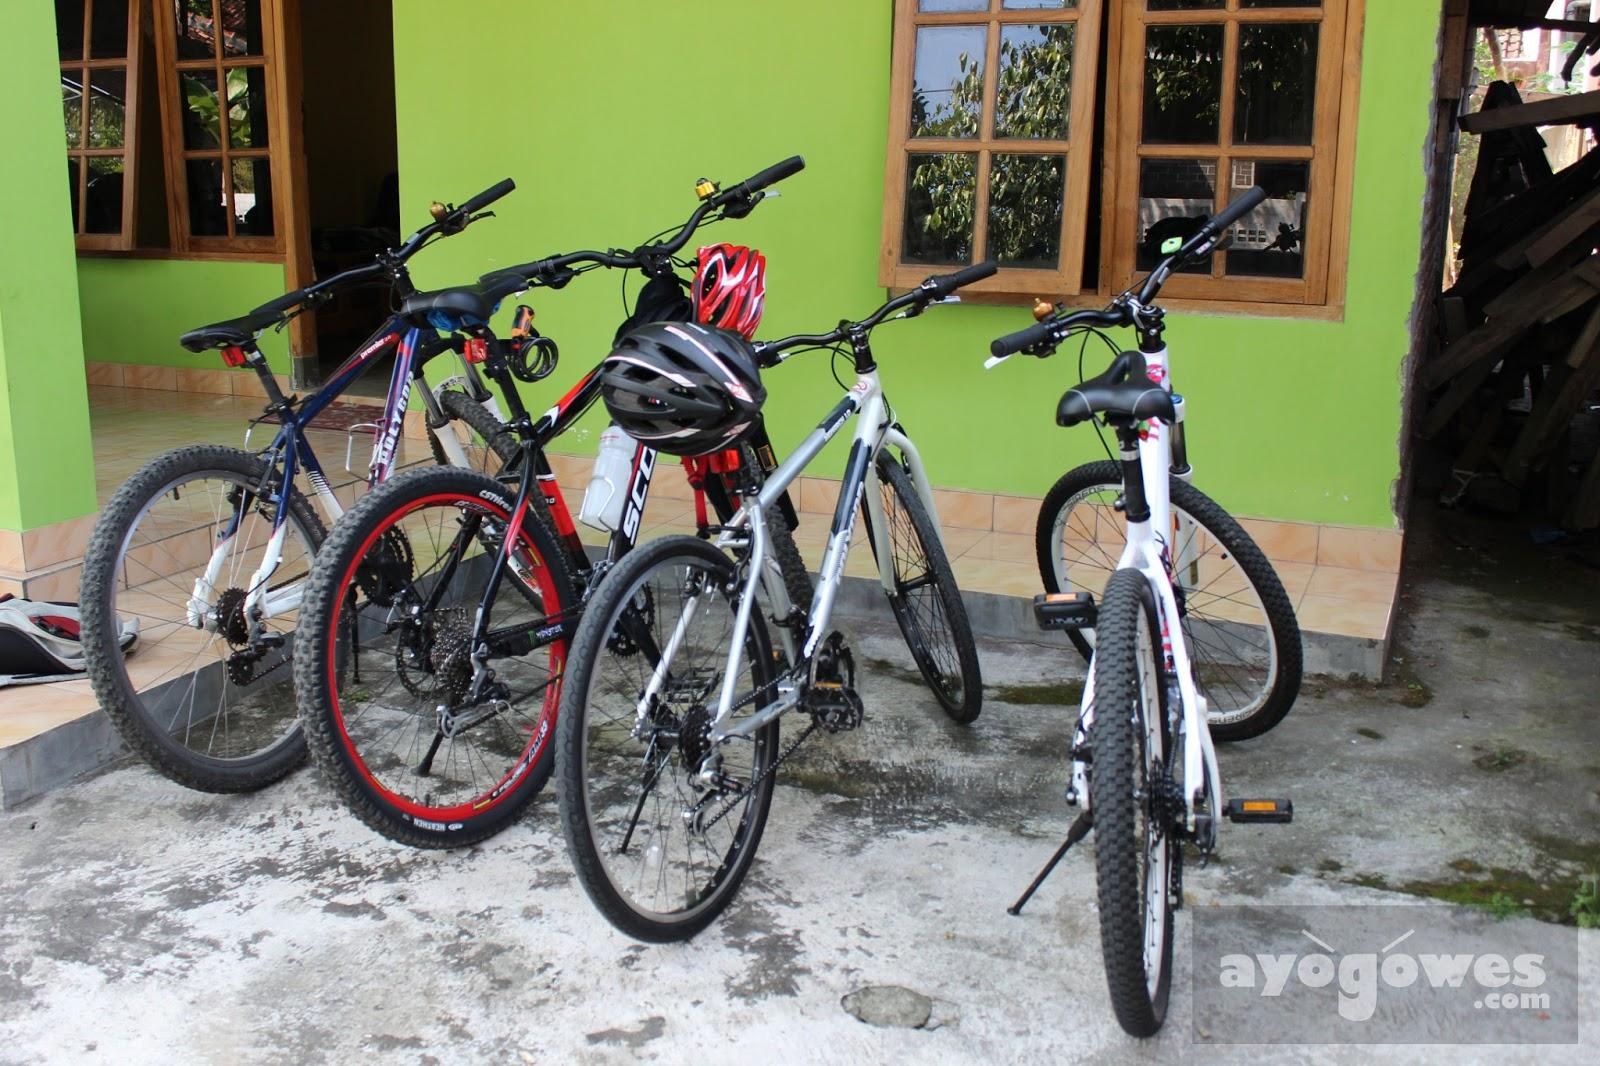 Macam jenis sepeda gunung MTB : Ayo Gowes